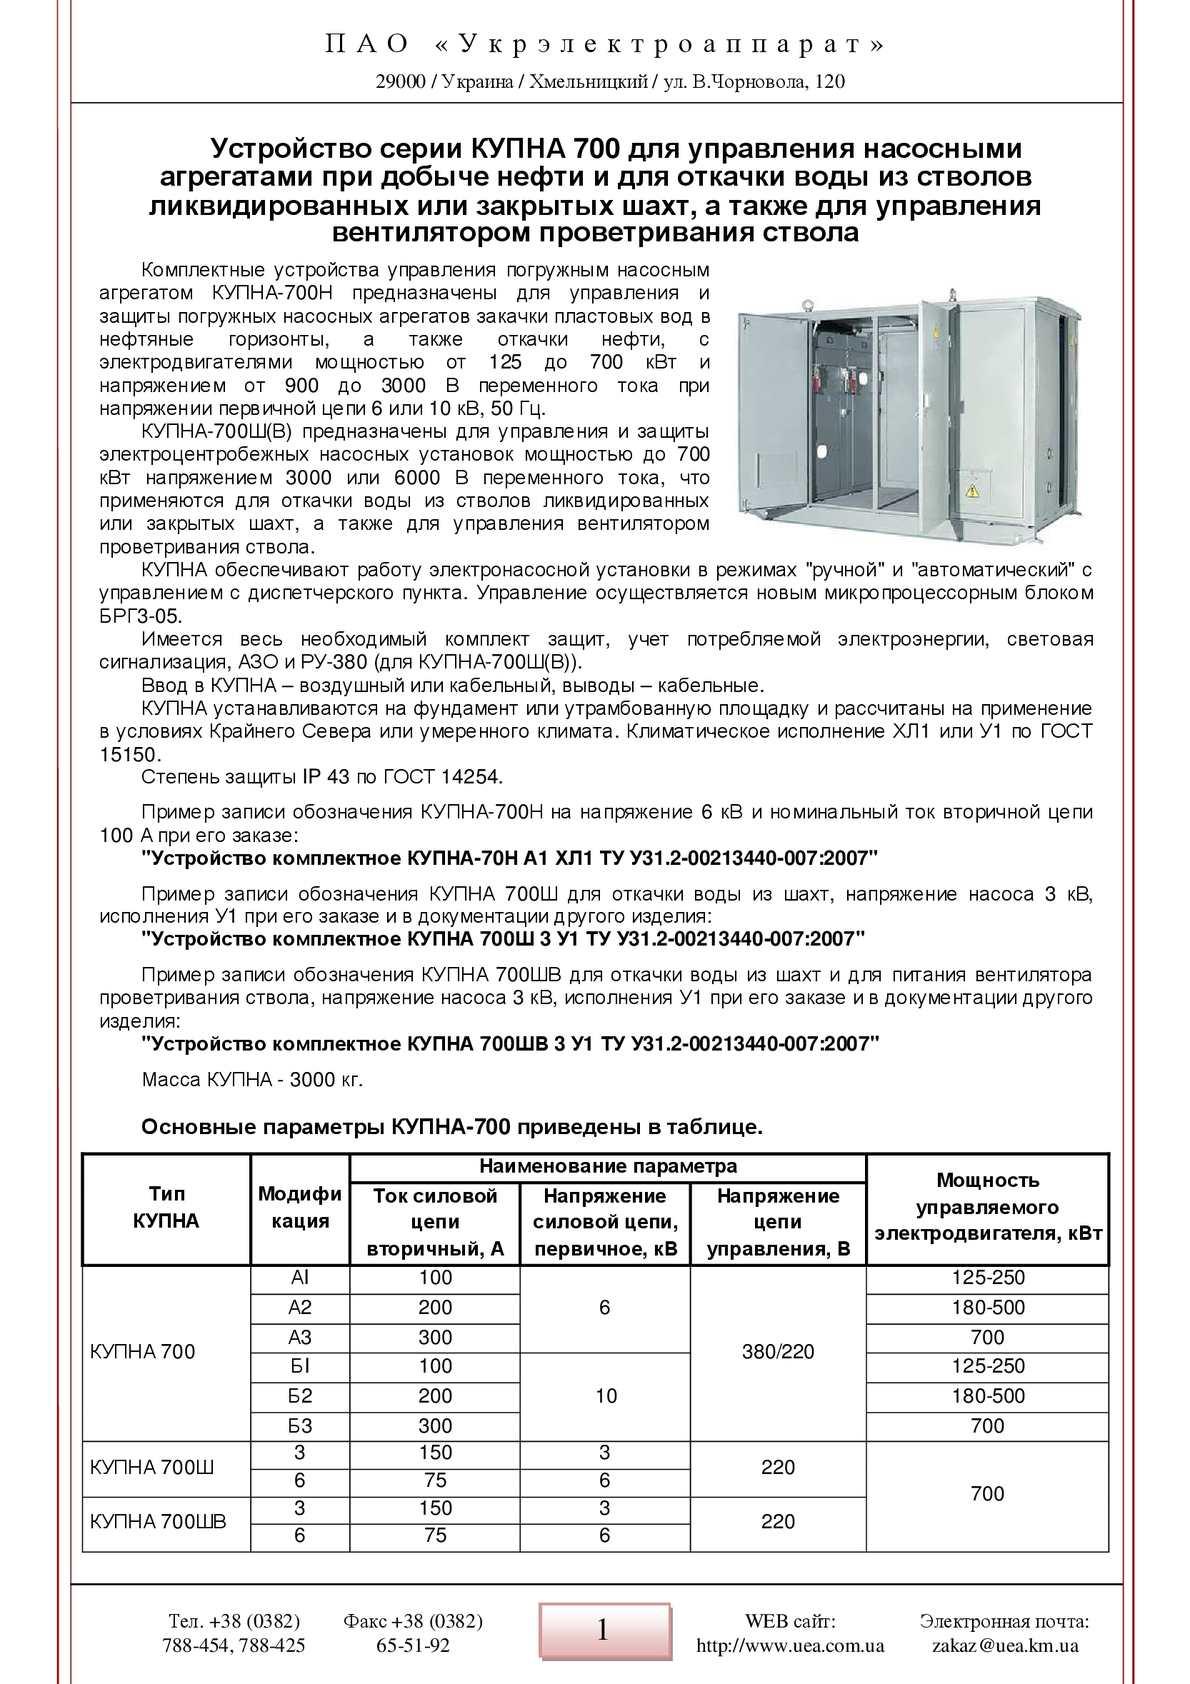 трансформатор тока т-0.66 у3 200/5 схема подключения